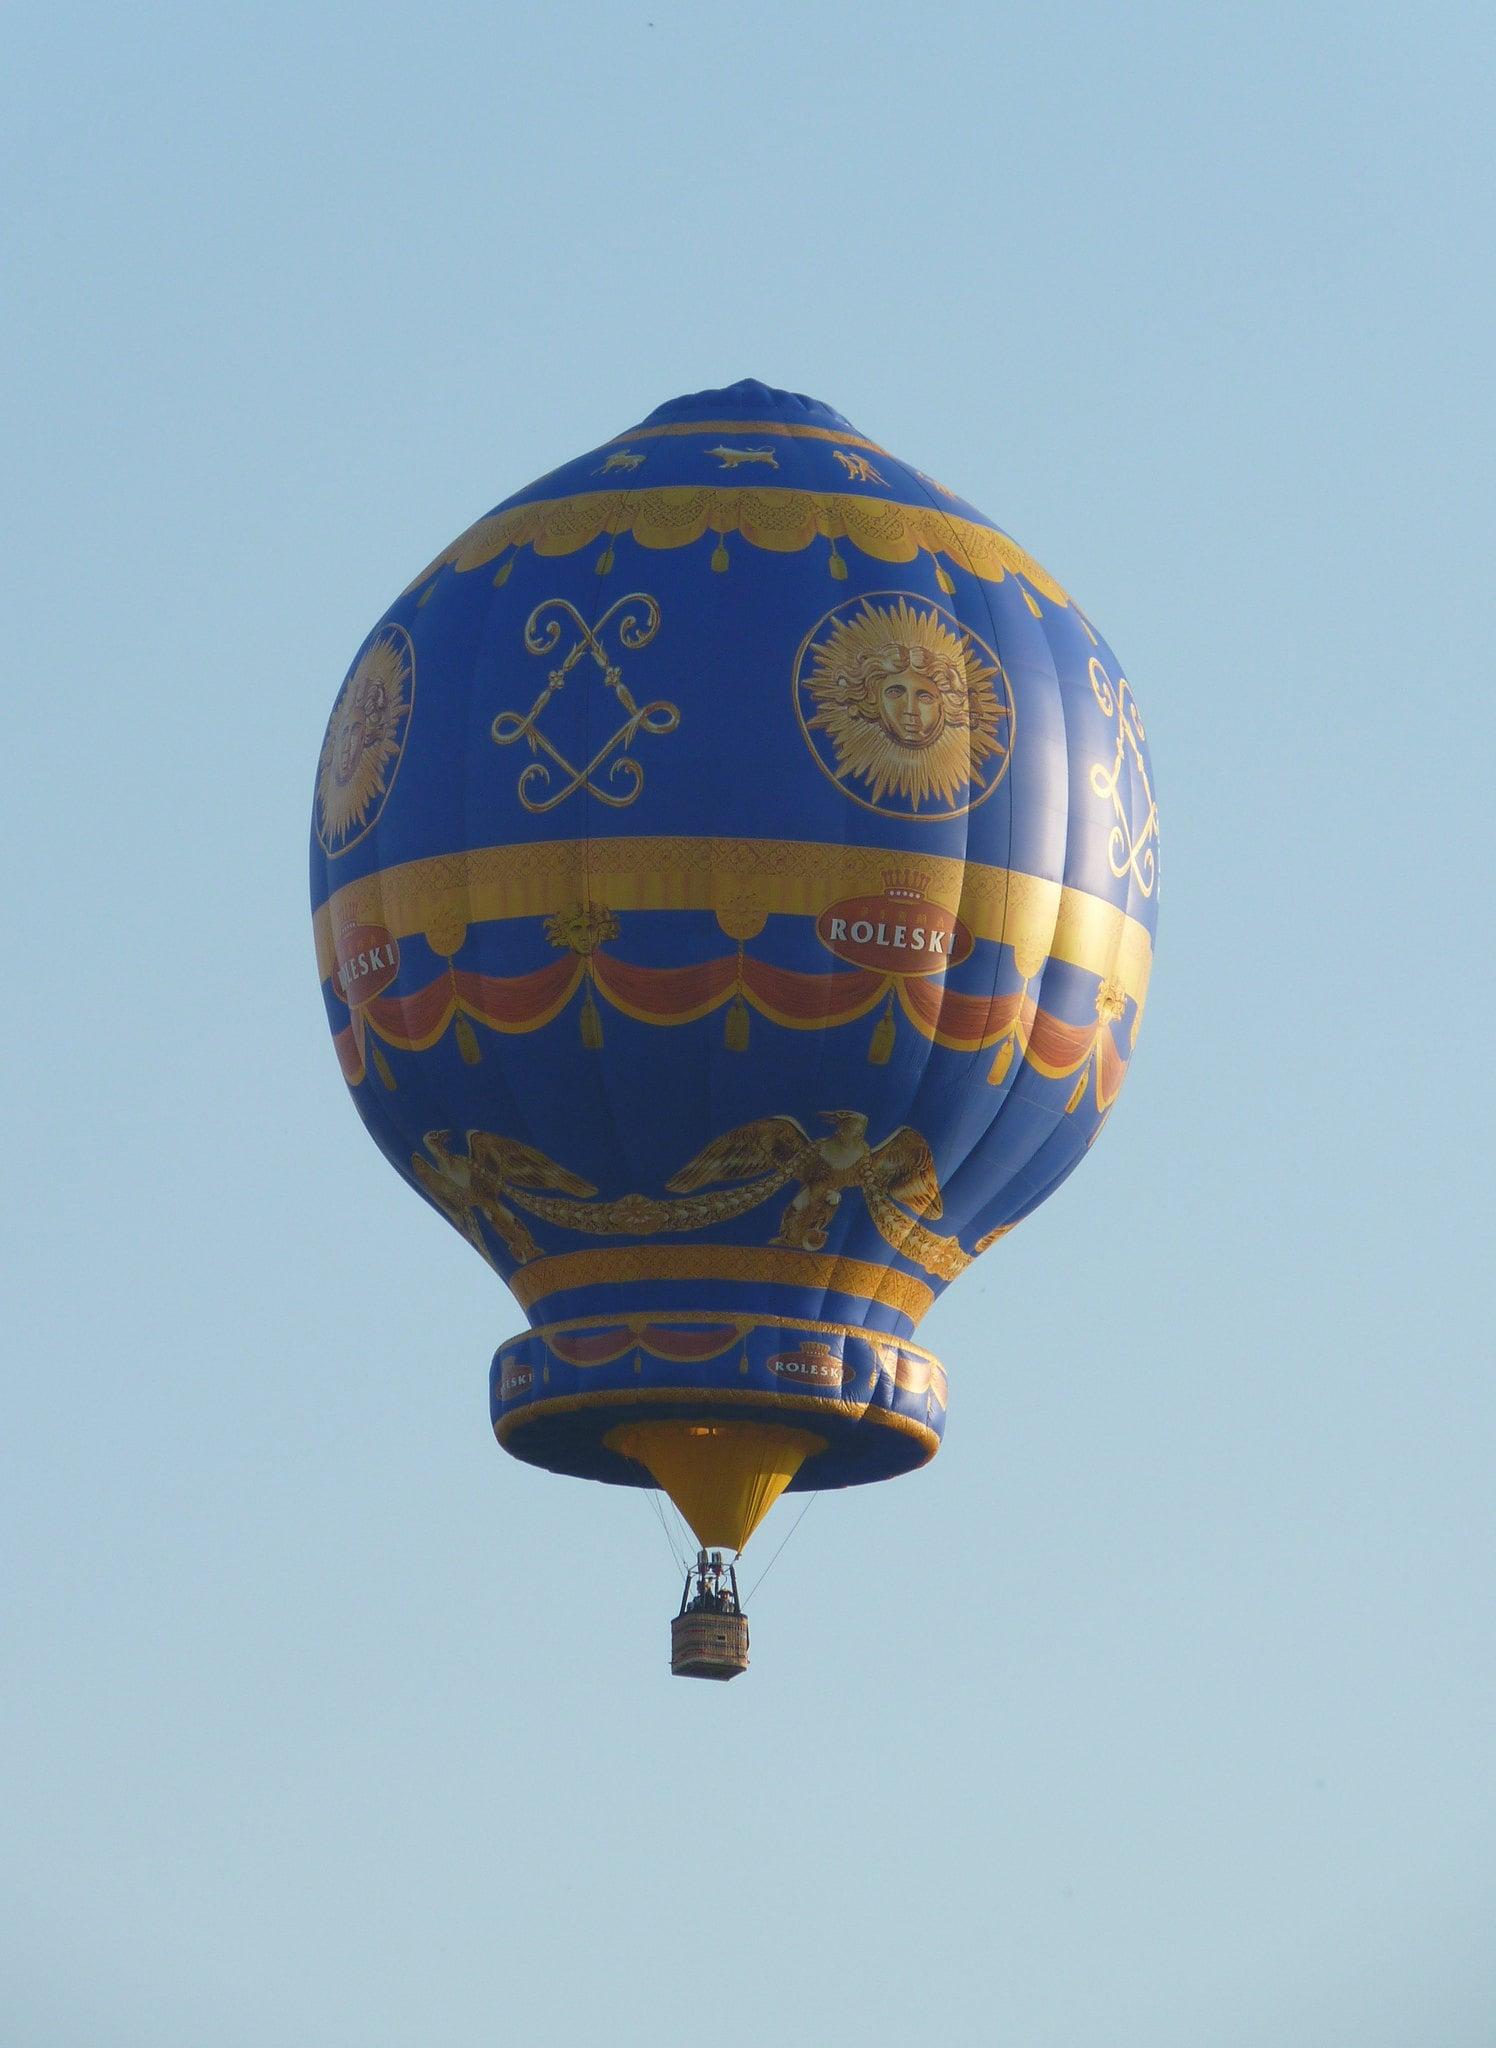 Приснились воздушные шары